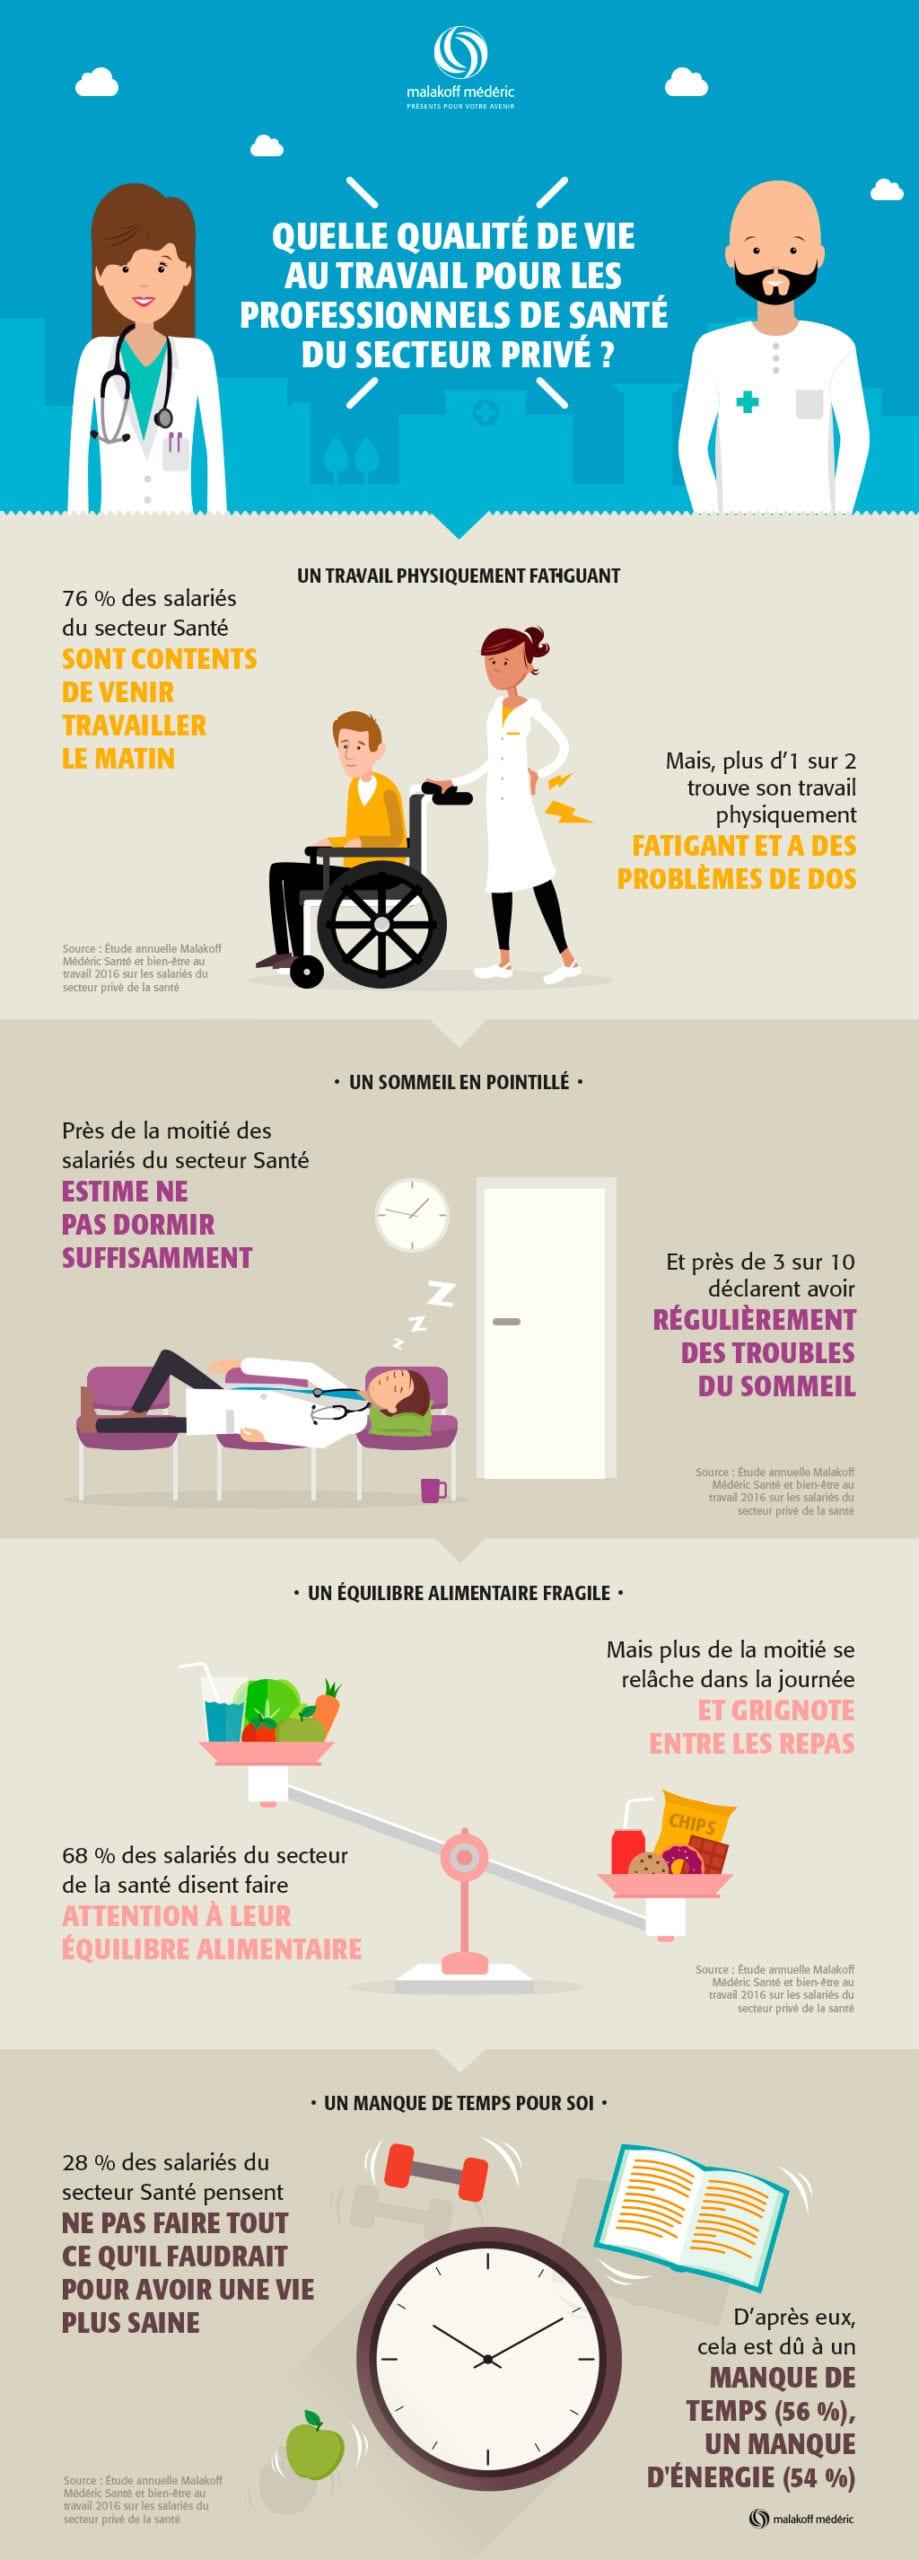 Infographie-qualité-de-vie-au-travail-des-salariés-